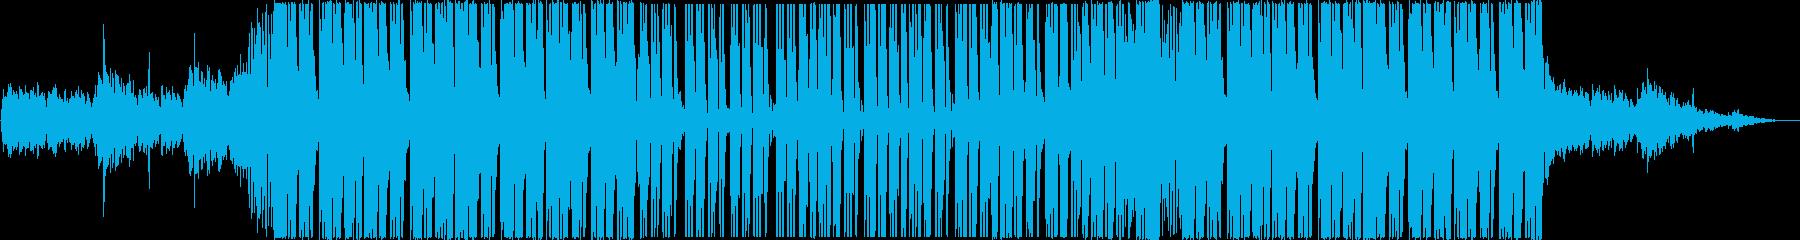 ゆったりとしたトロピカルハウスEDMの再生済みの波形